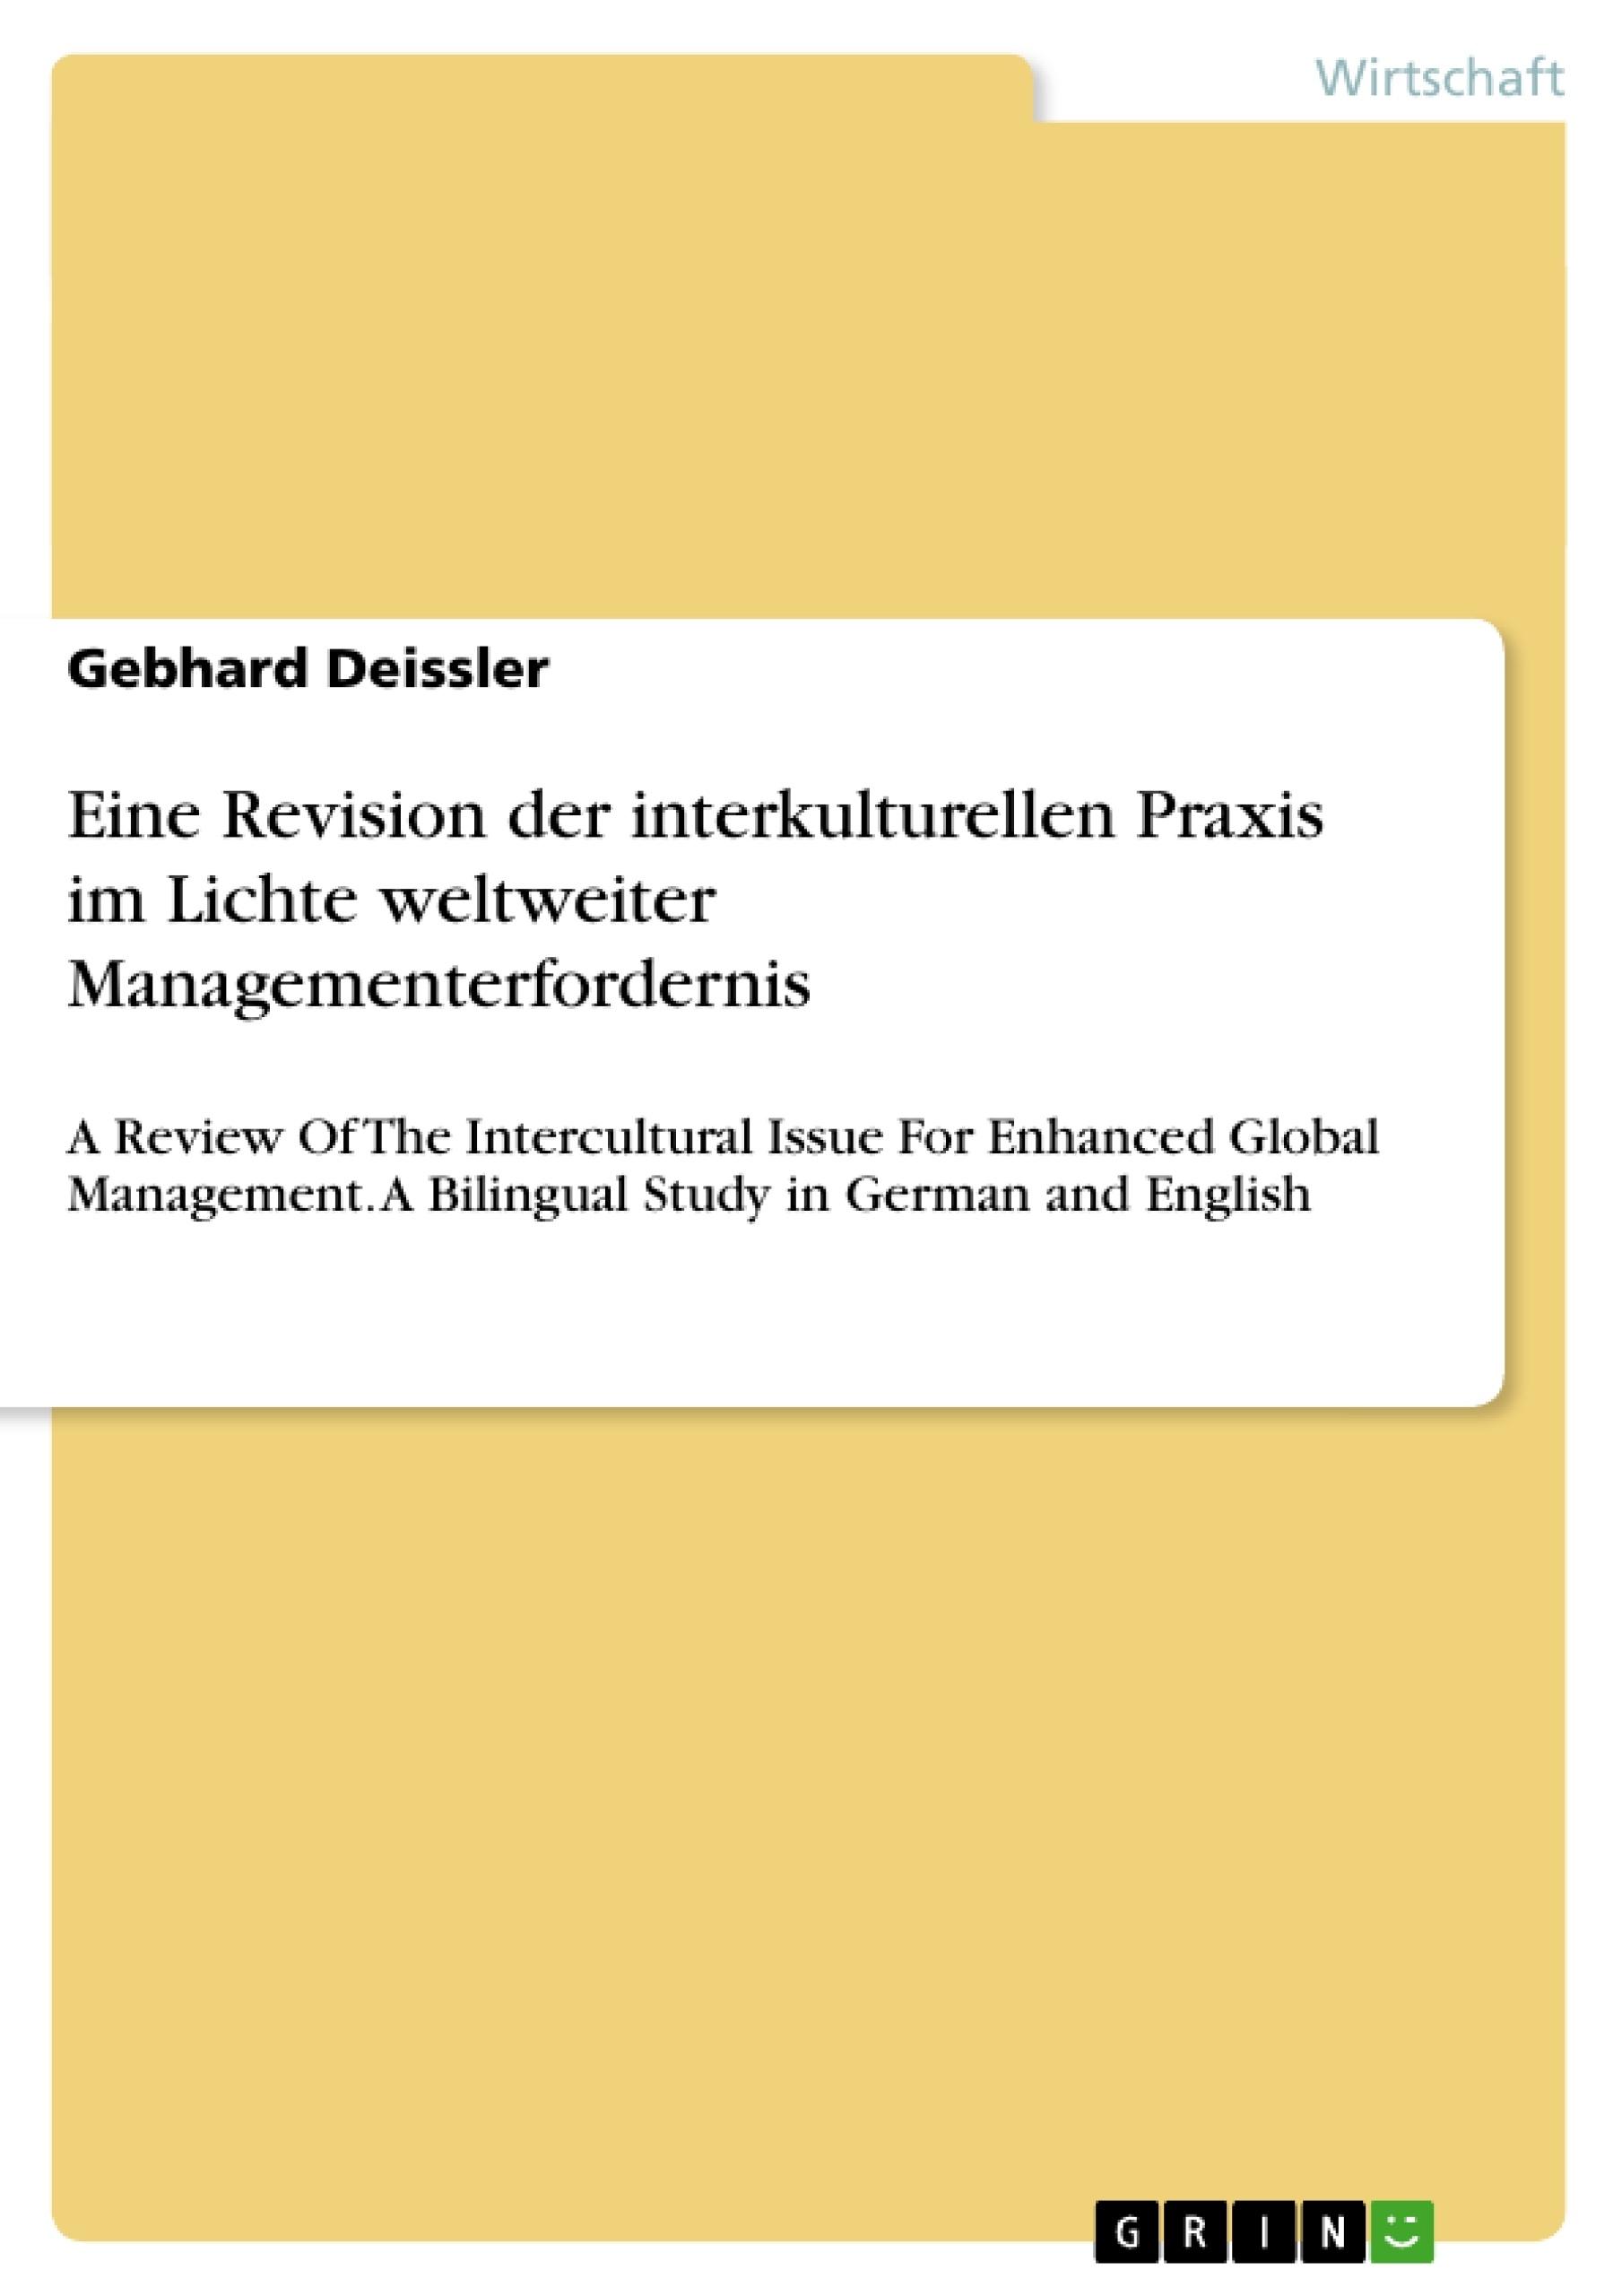 Titel: Eine Revision der interkulturellen Praxis im Lichte weltweiter Managementerfordernis